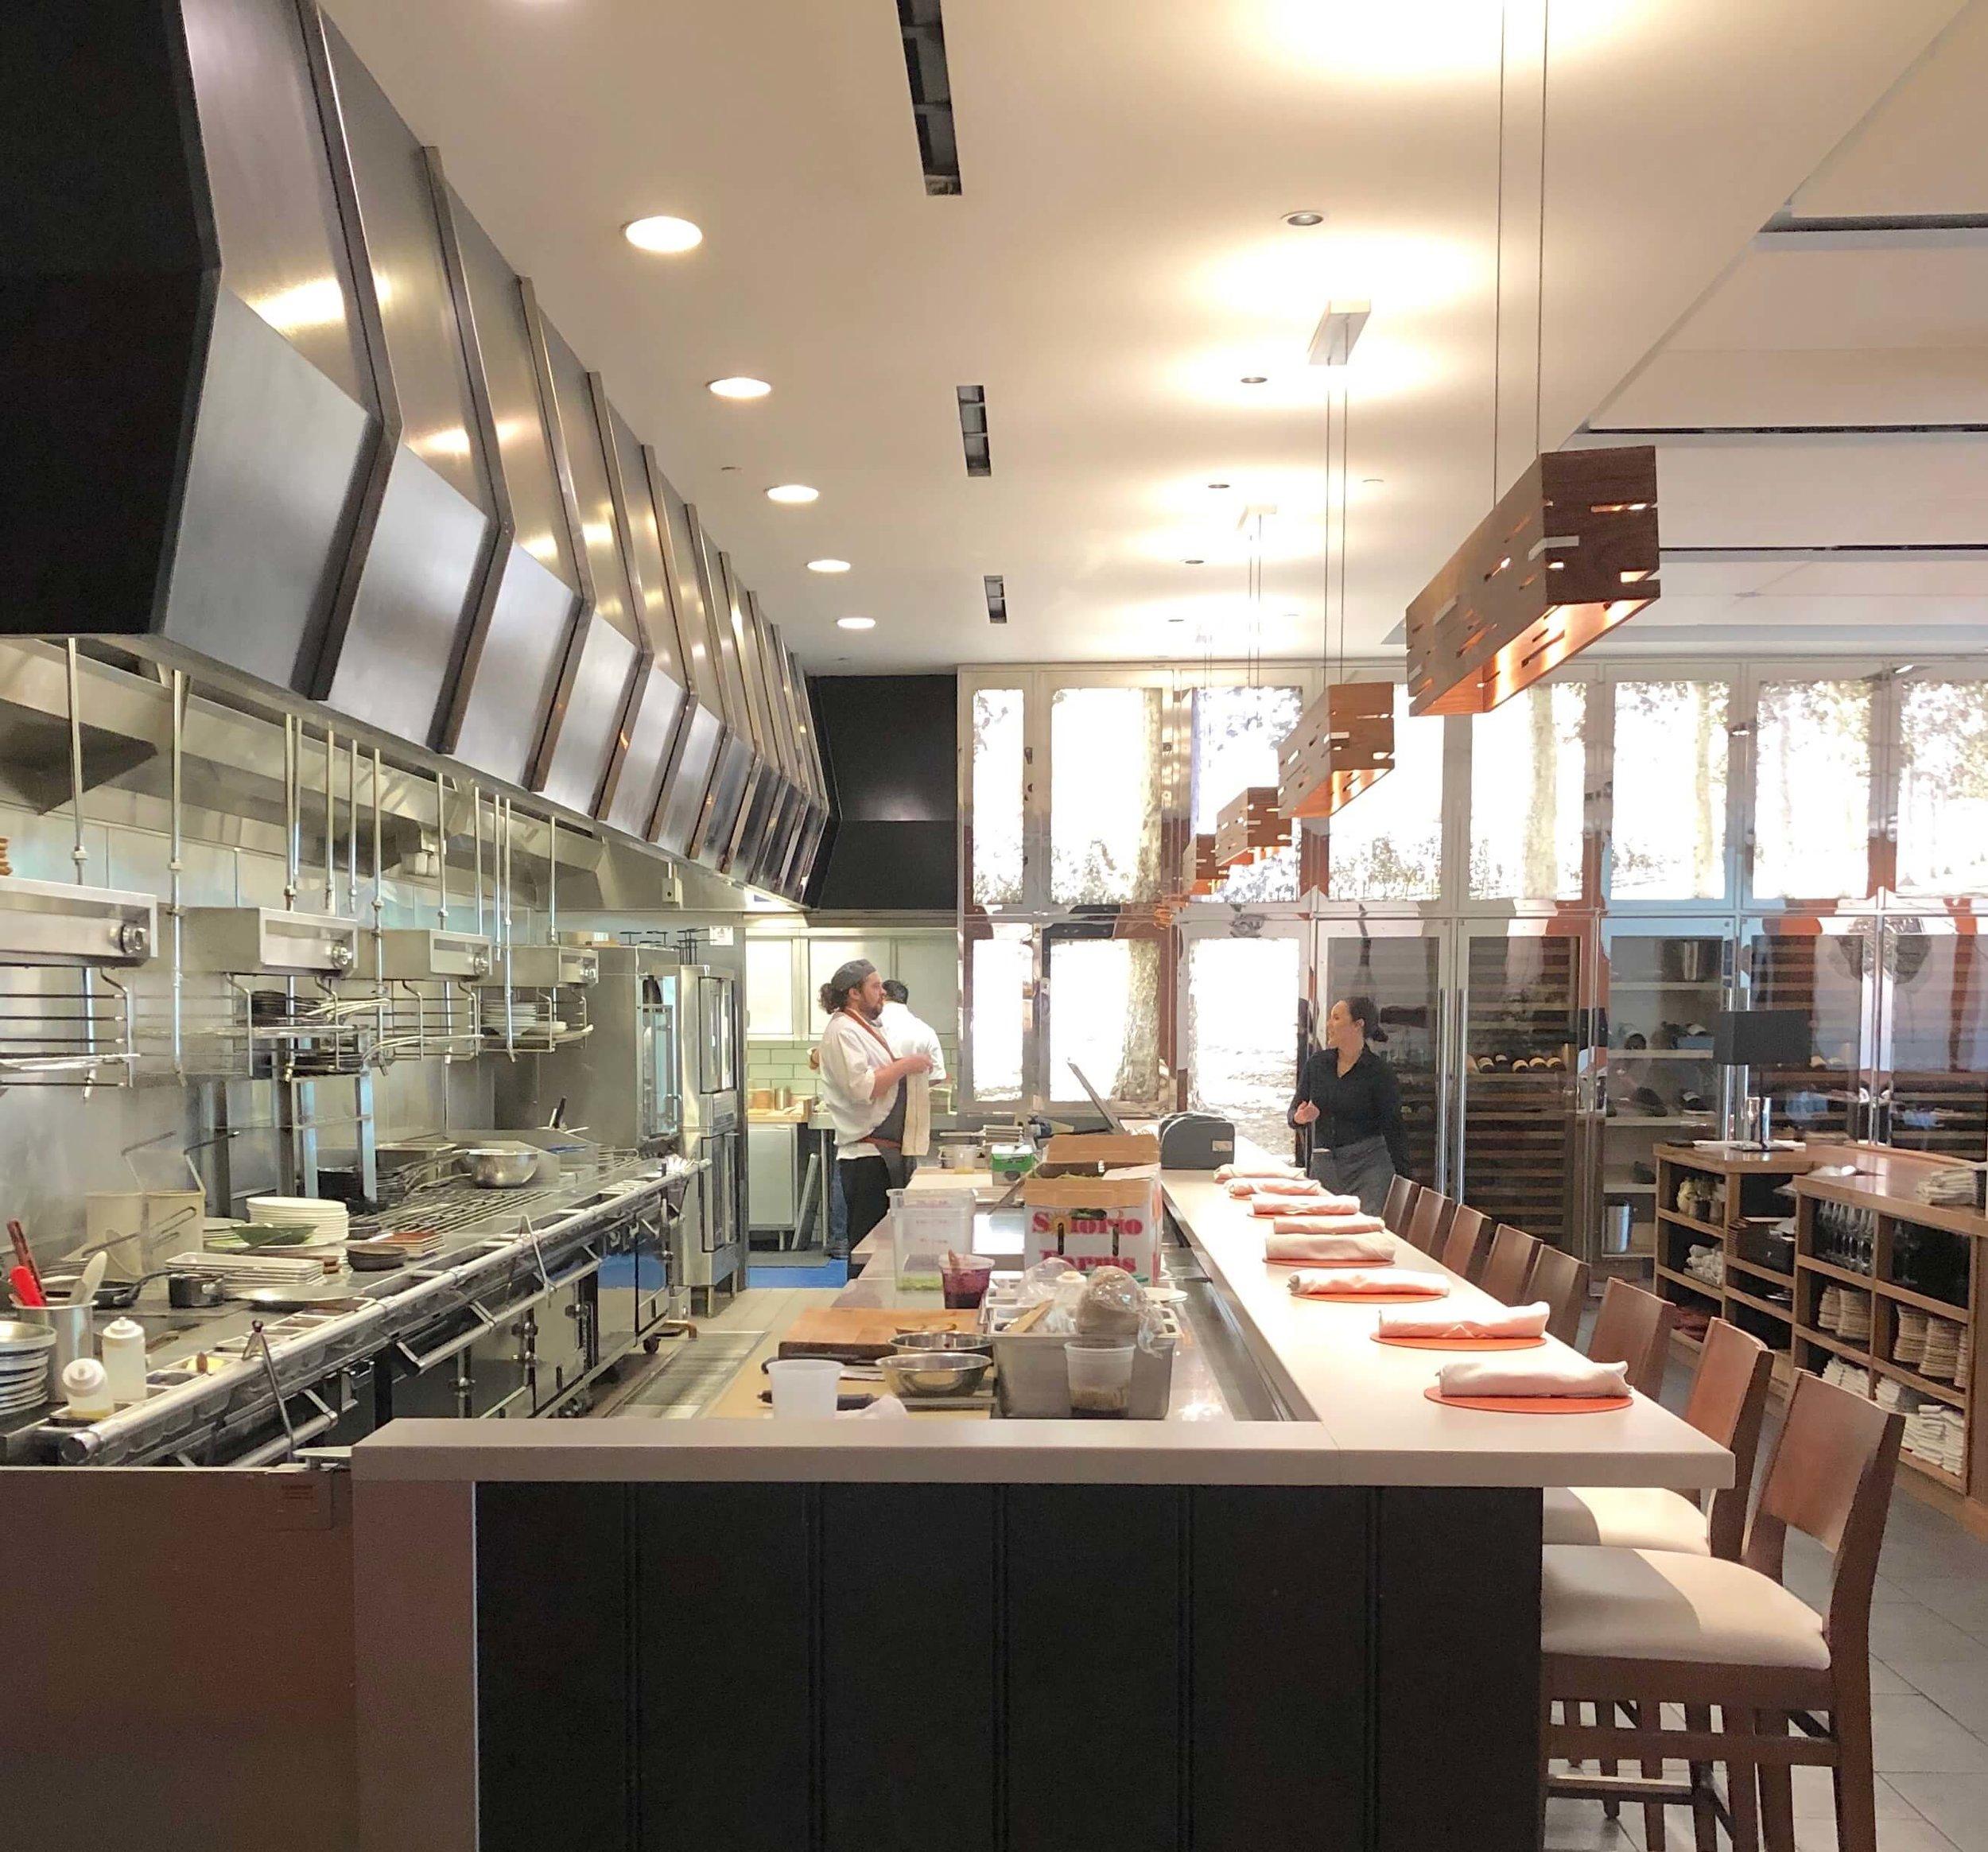 The open kitchen in the restaurant in CIA Copia, Napa, California